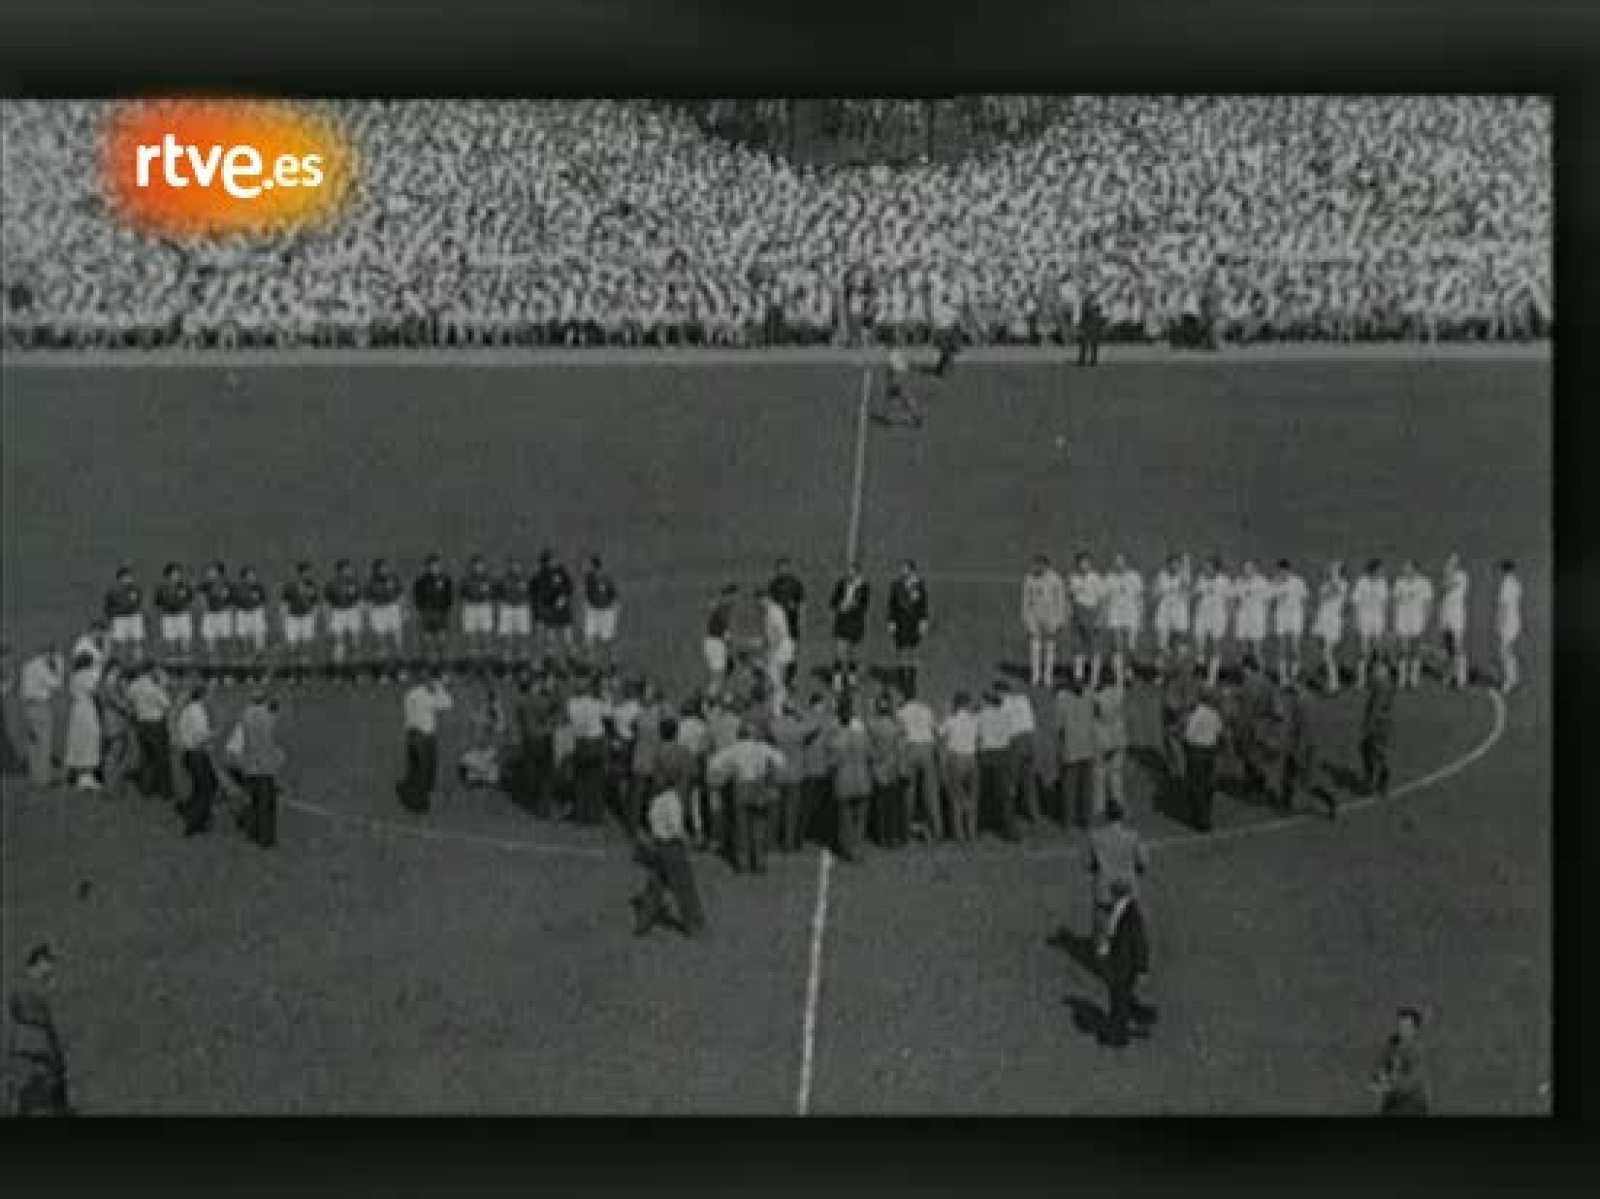 En los inicios del balonmano se jugaba en campos de fútbol y once contra once. Las reglas fueron cambiando, pero hubo un tiempo en que fútbol y balonmano estaban unidos